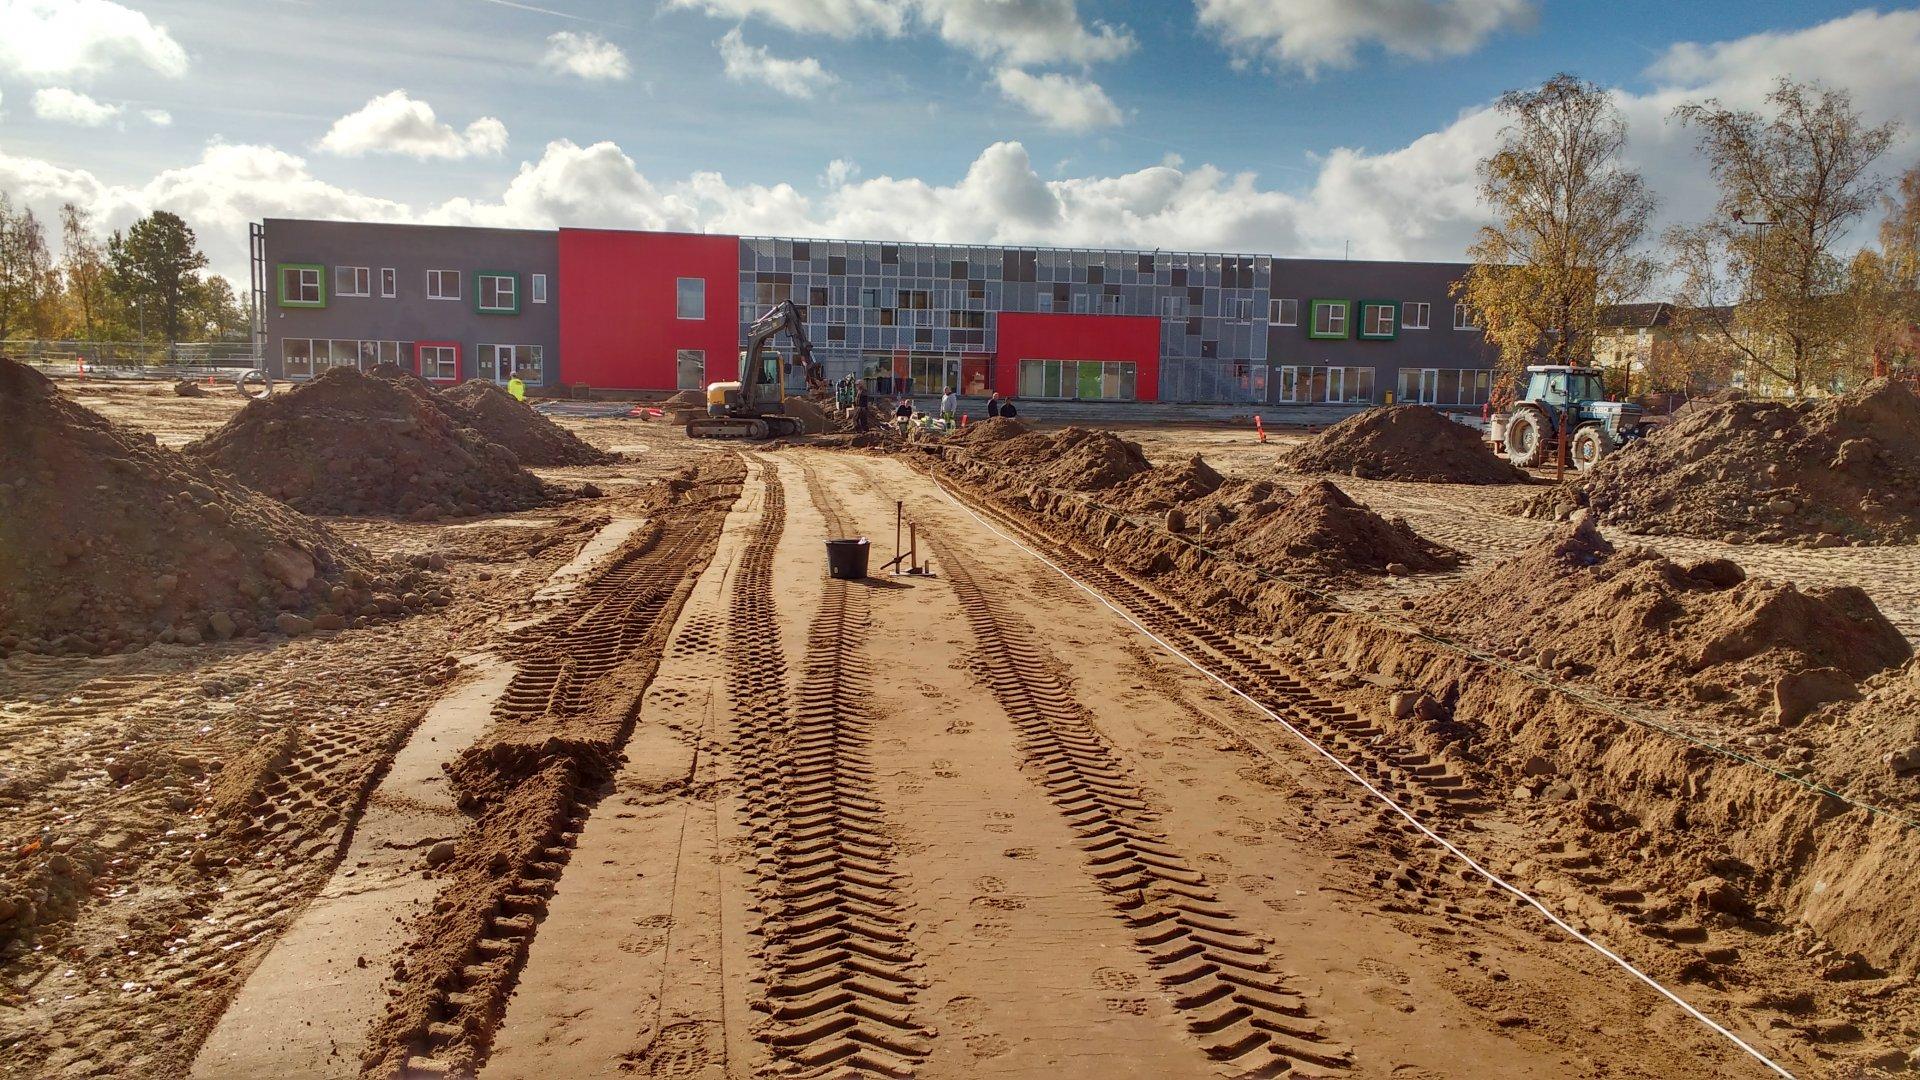 Frederiksberg Skole | Reference | Holbøll udfører jord, kloak og belægning